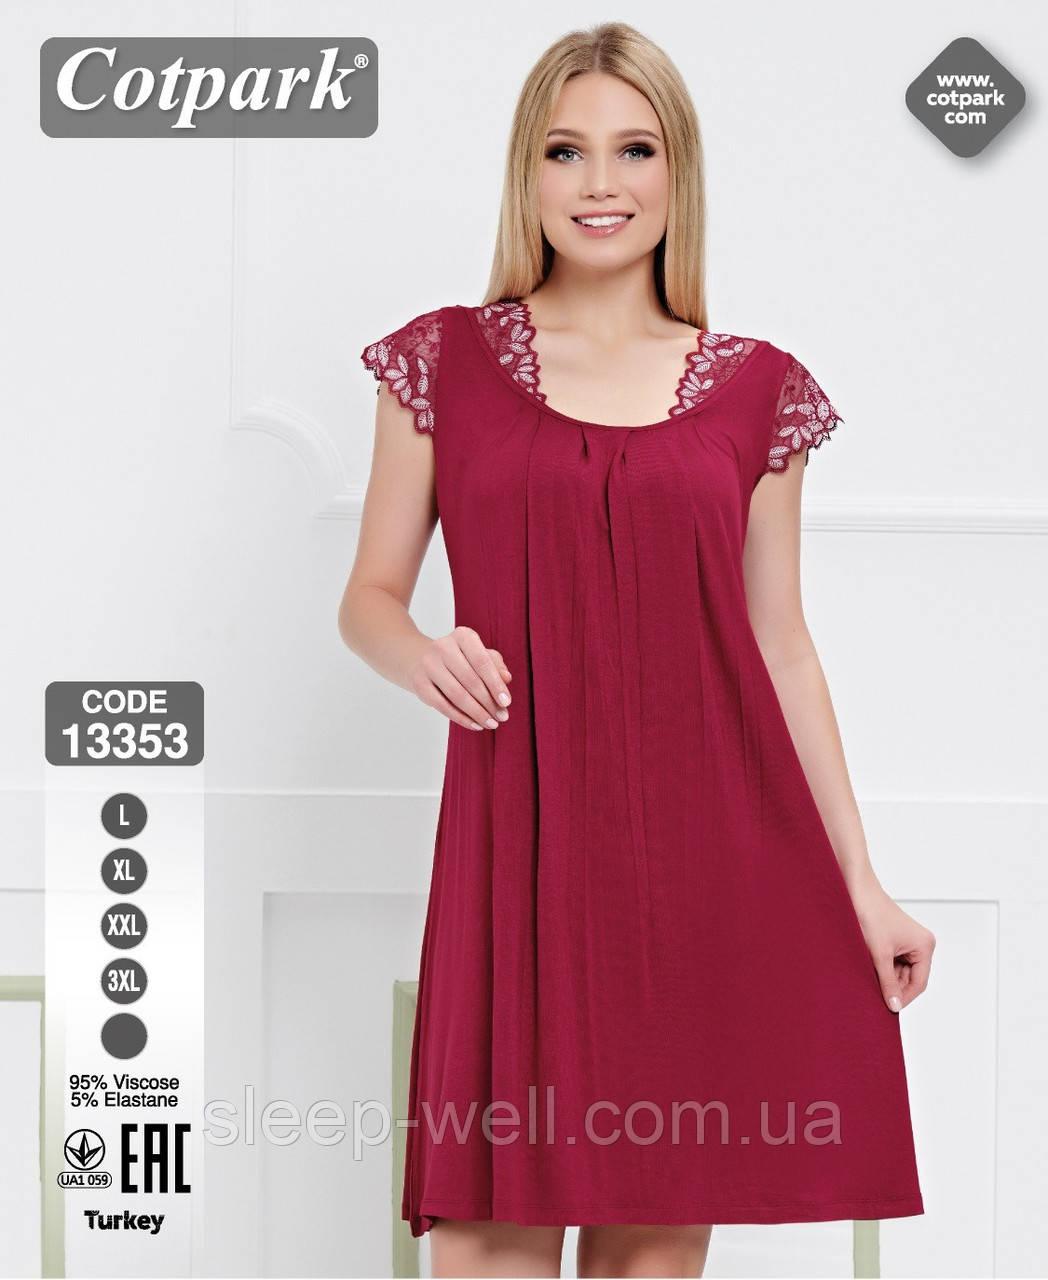 Нічна сорочка збільшених розмірів від гарного турецького виробника,Cotpark